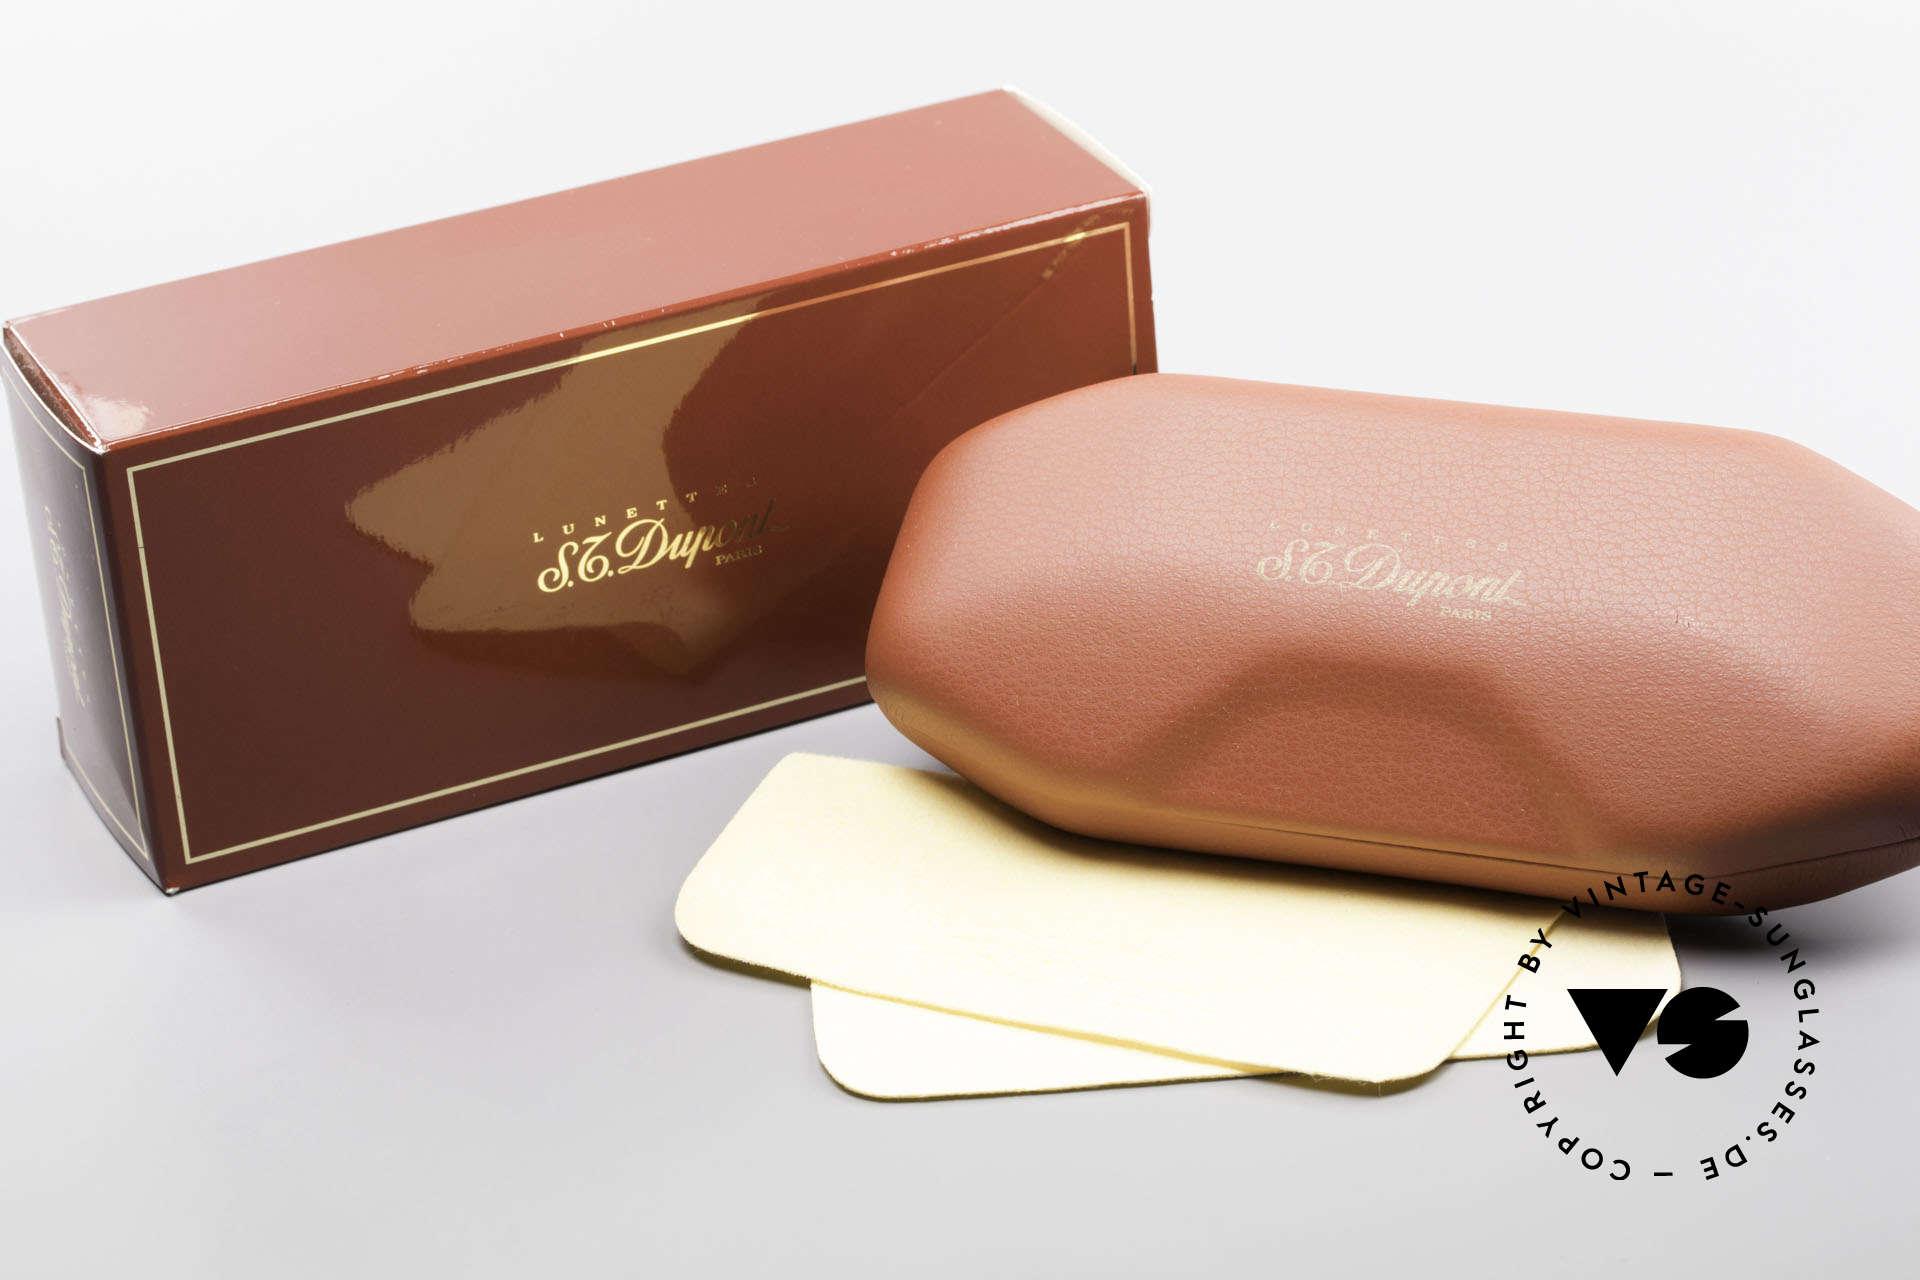 S.T. Dupont D006 Luxury Sunglasses Vintage, NO RETRO sunglasses, but a precious 1990's ORIGINAL, Made for Men